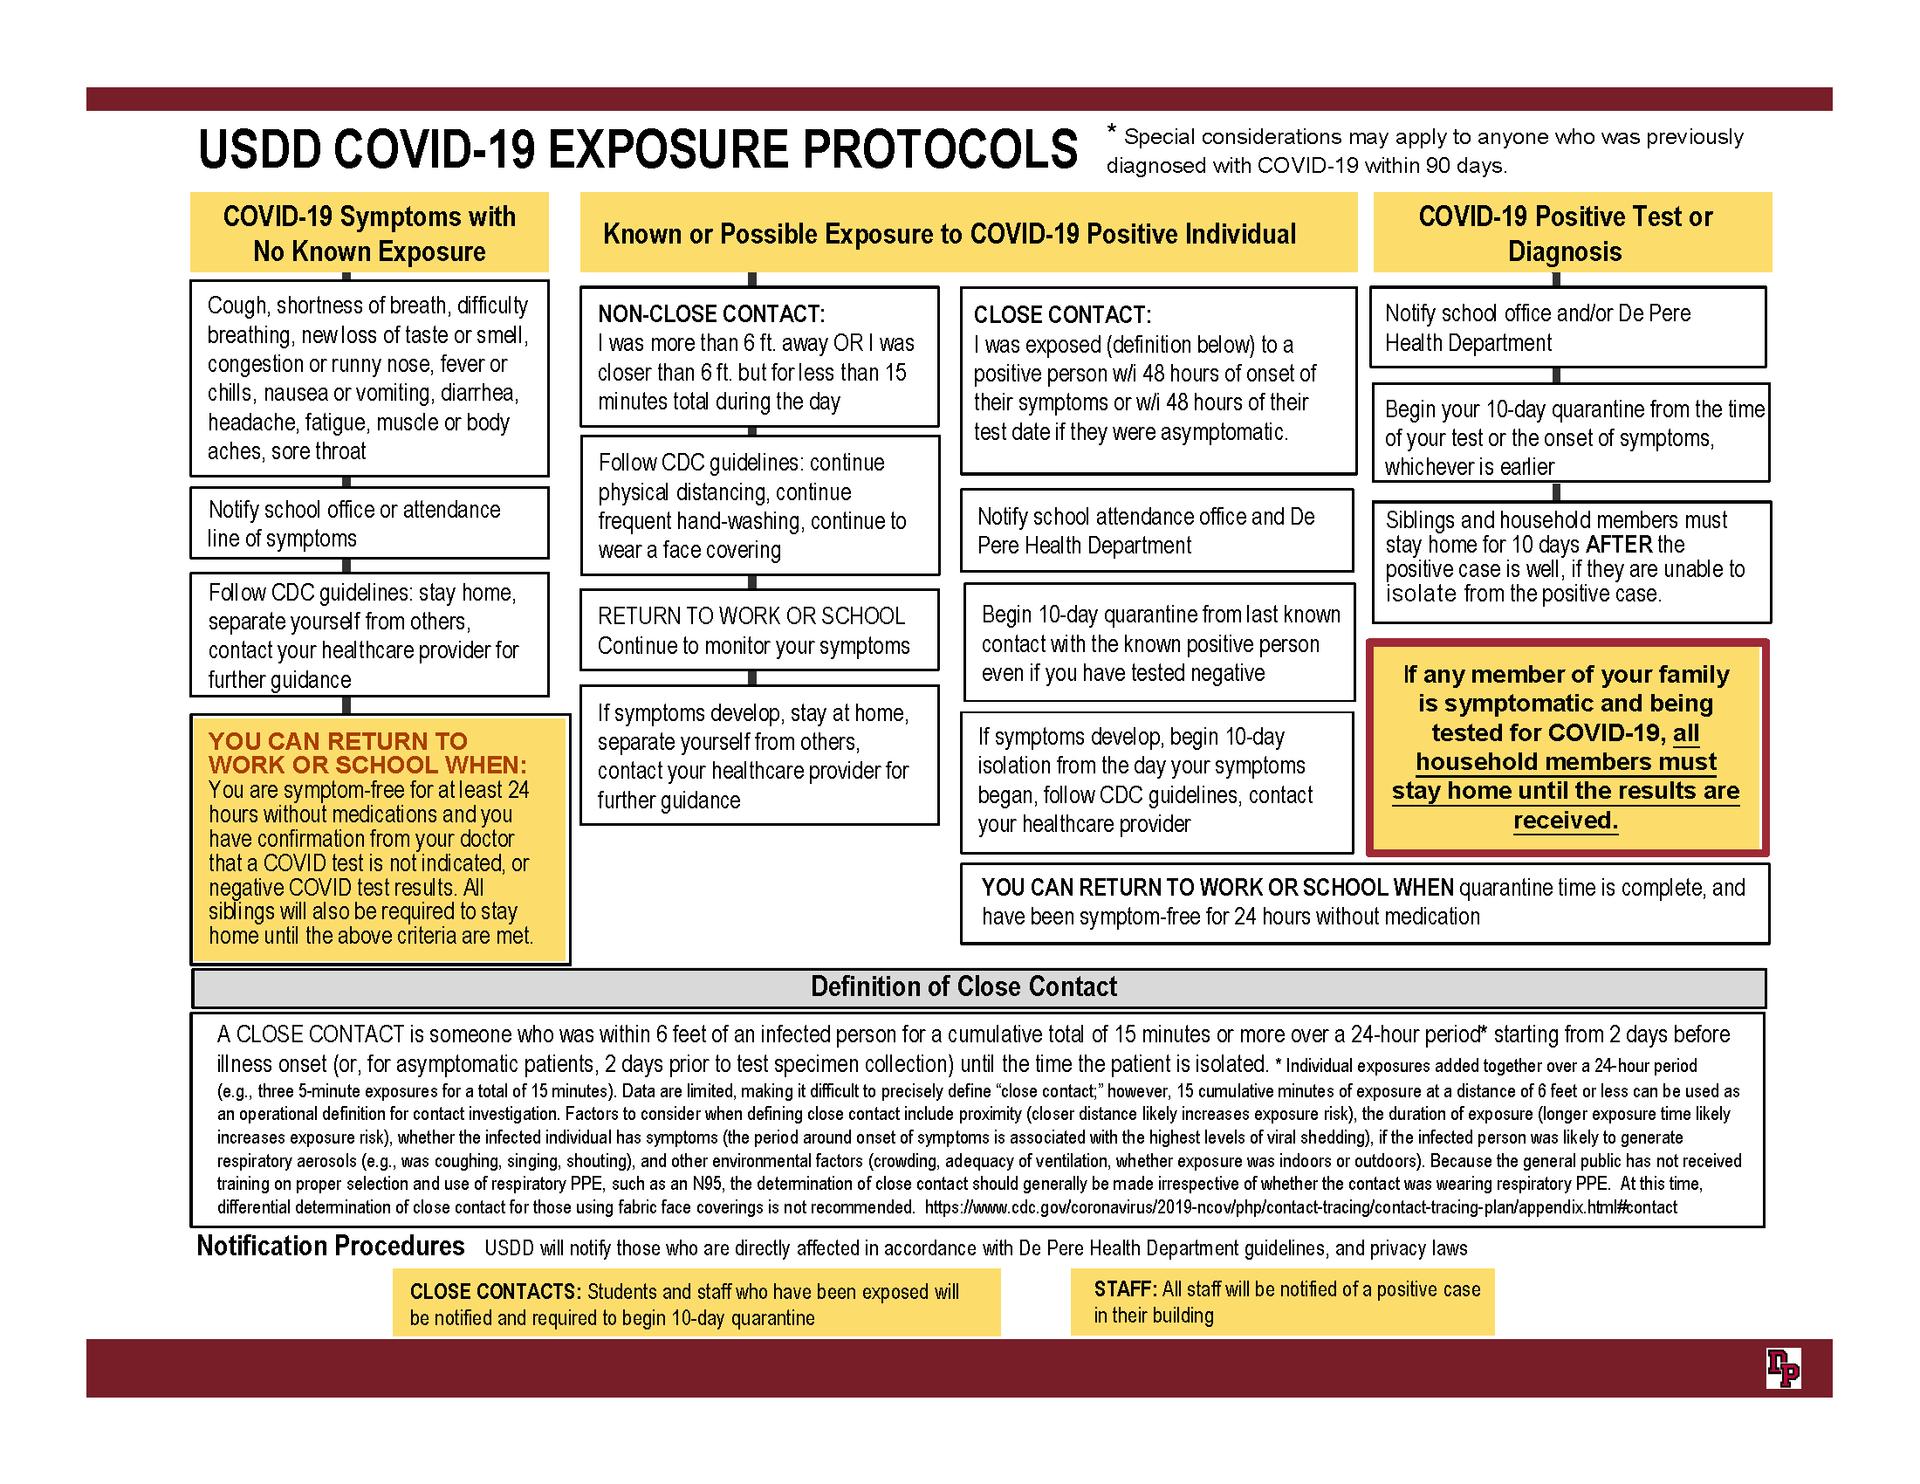 Exposure and Quarantine Protocols